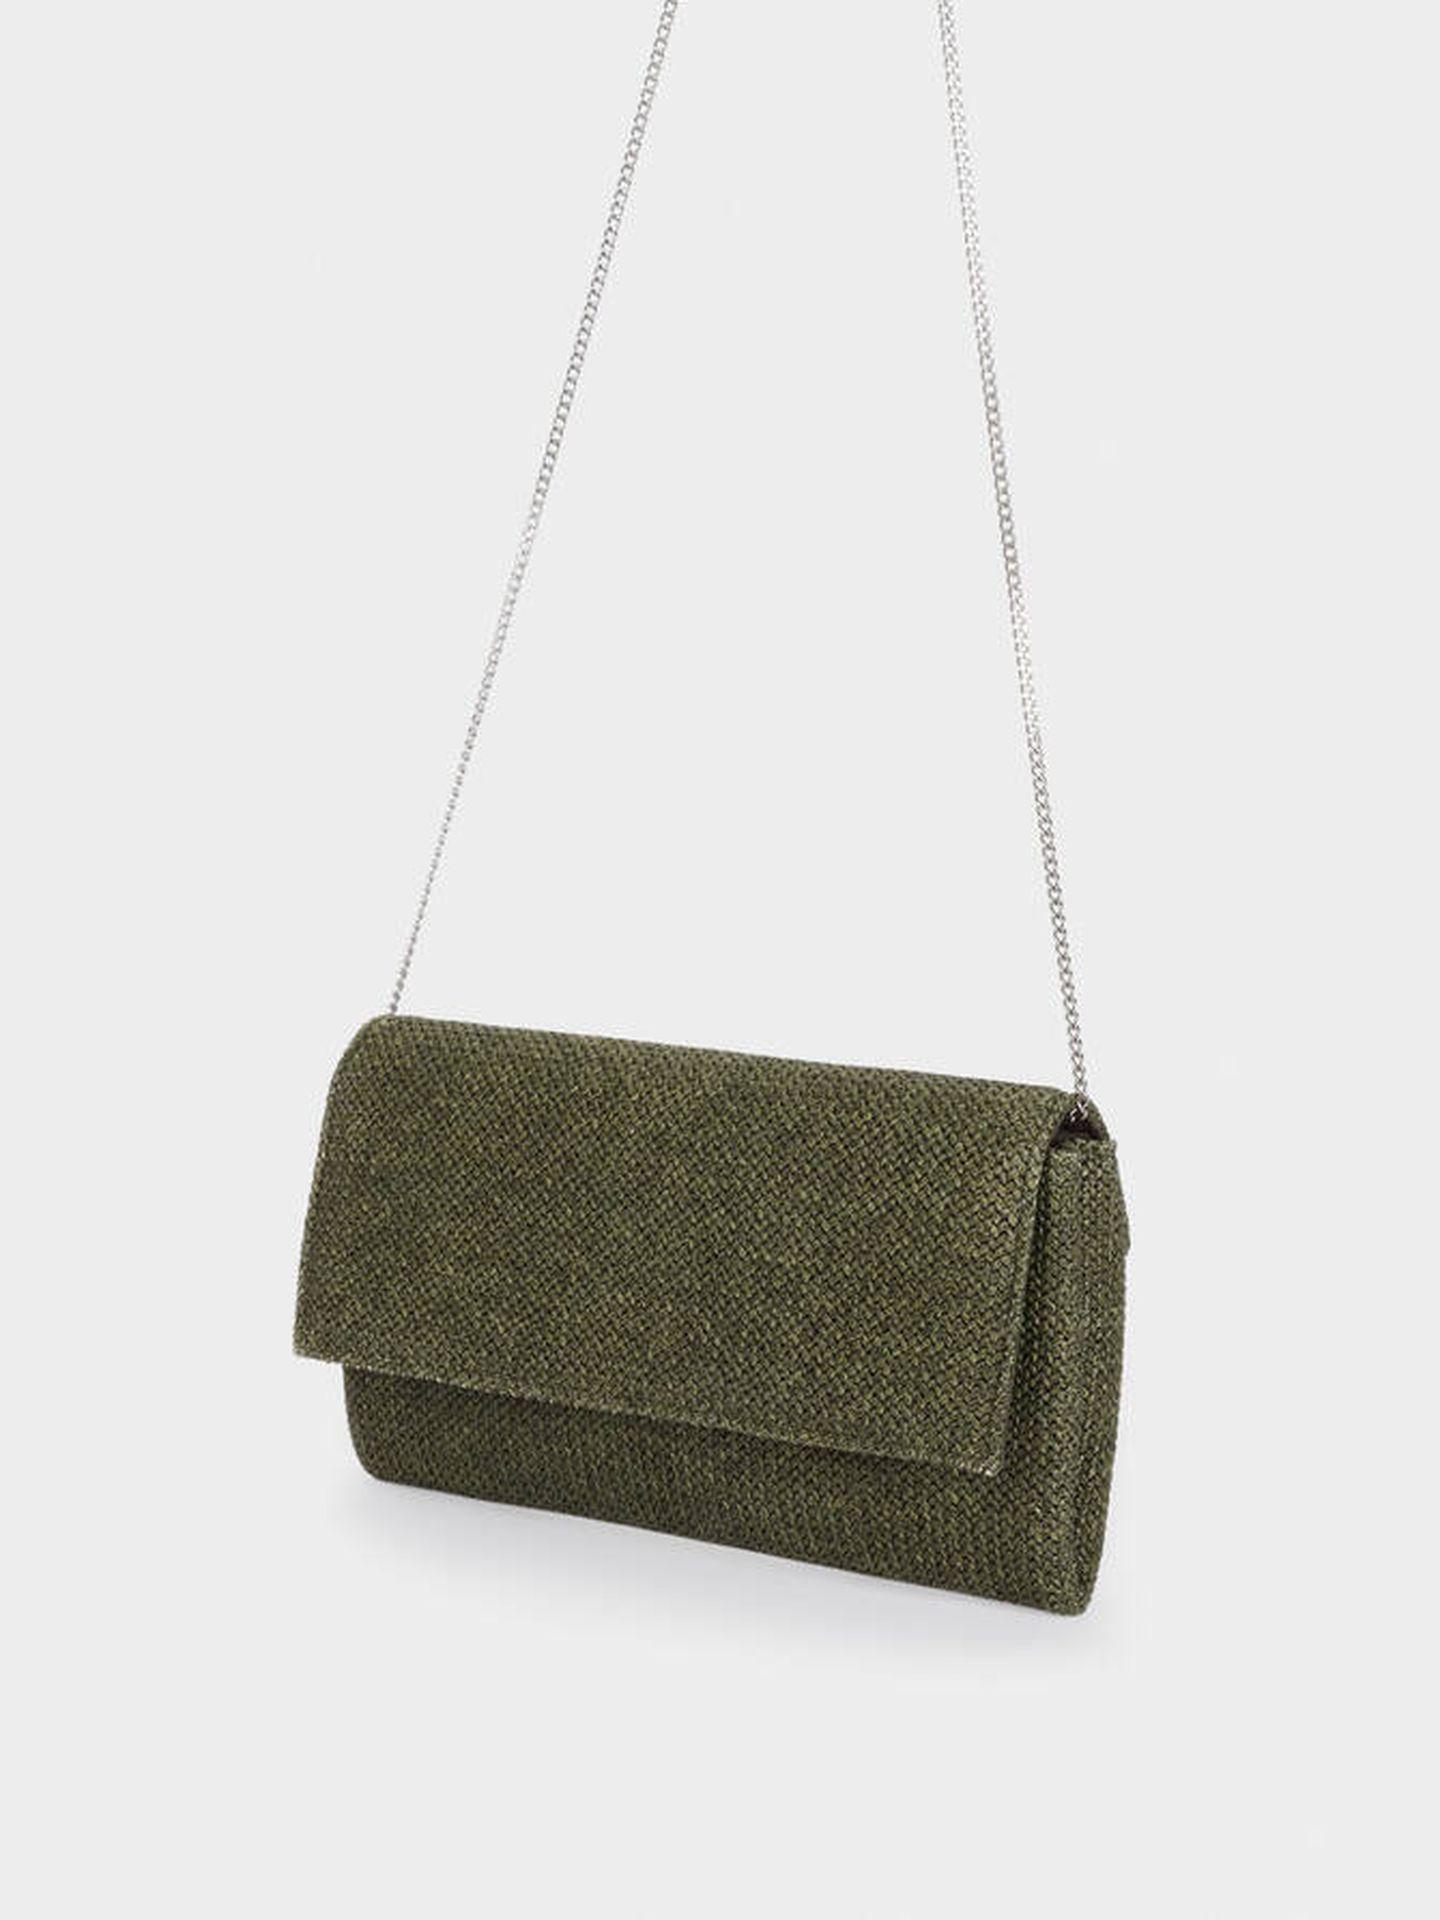 Este bolso bandolera de Parfois será nuestro fiel aliado en verano. (Cortesía)